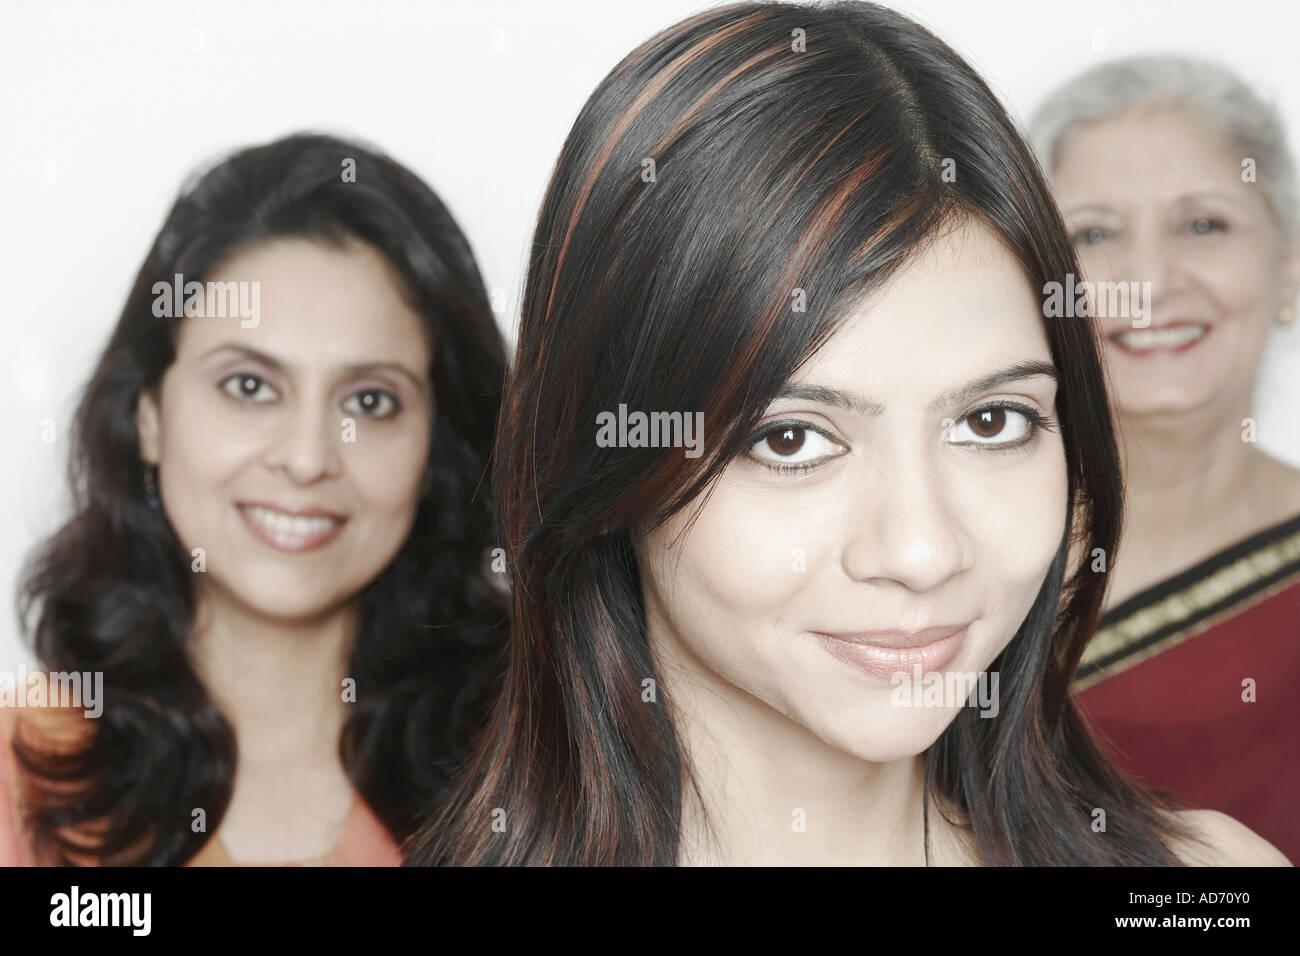 Ritratto di una giovane donna sorridente con due donne in piedi dietro di lei Immagini Stock